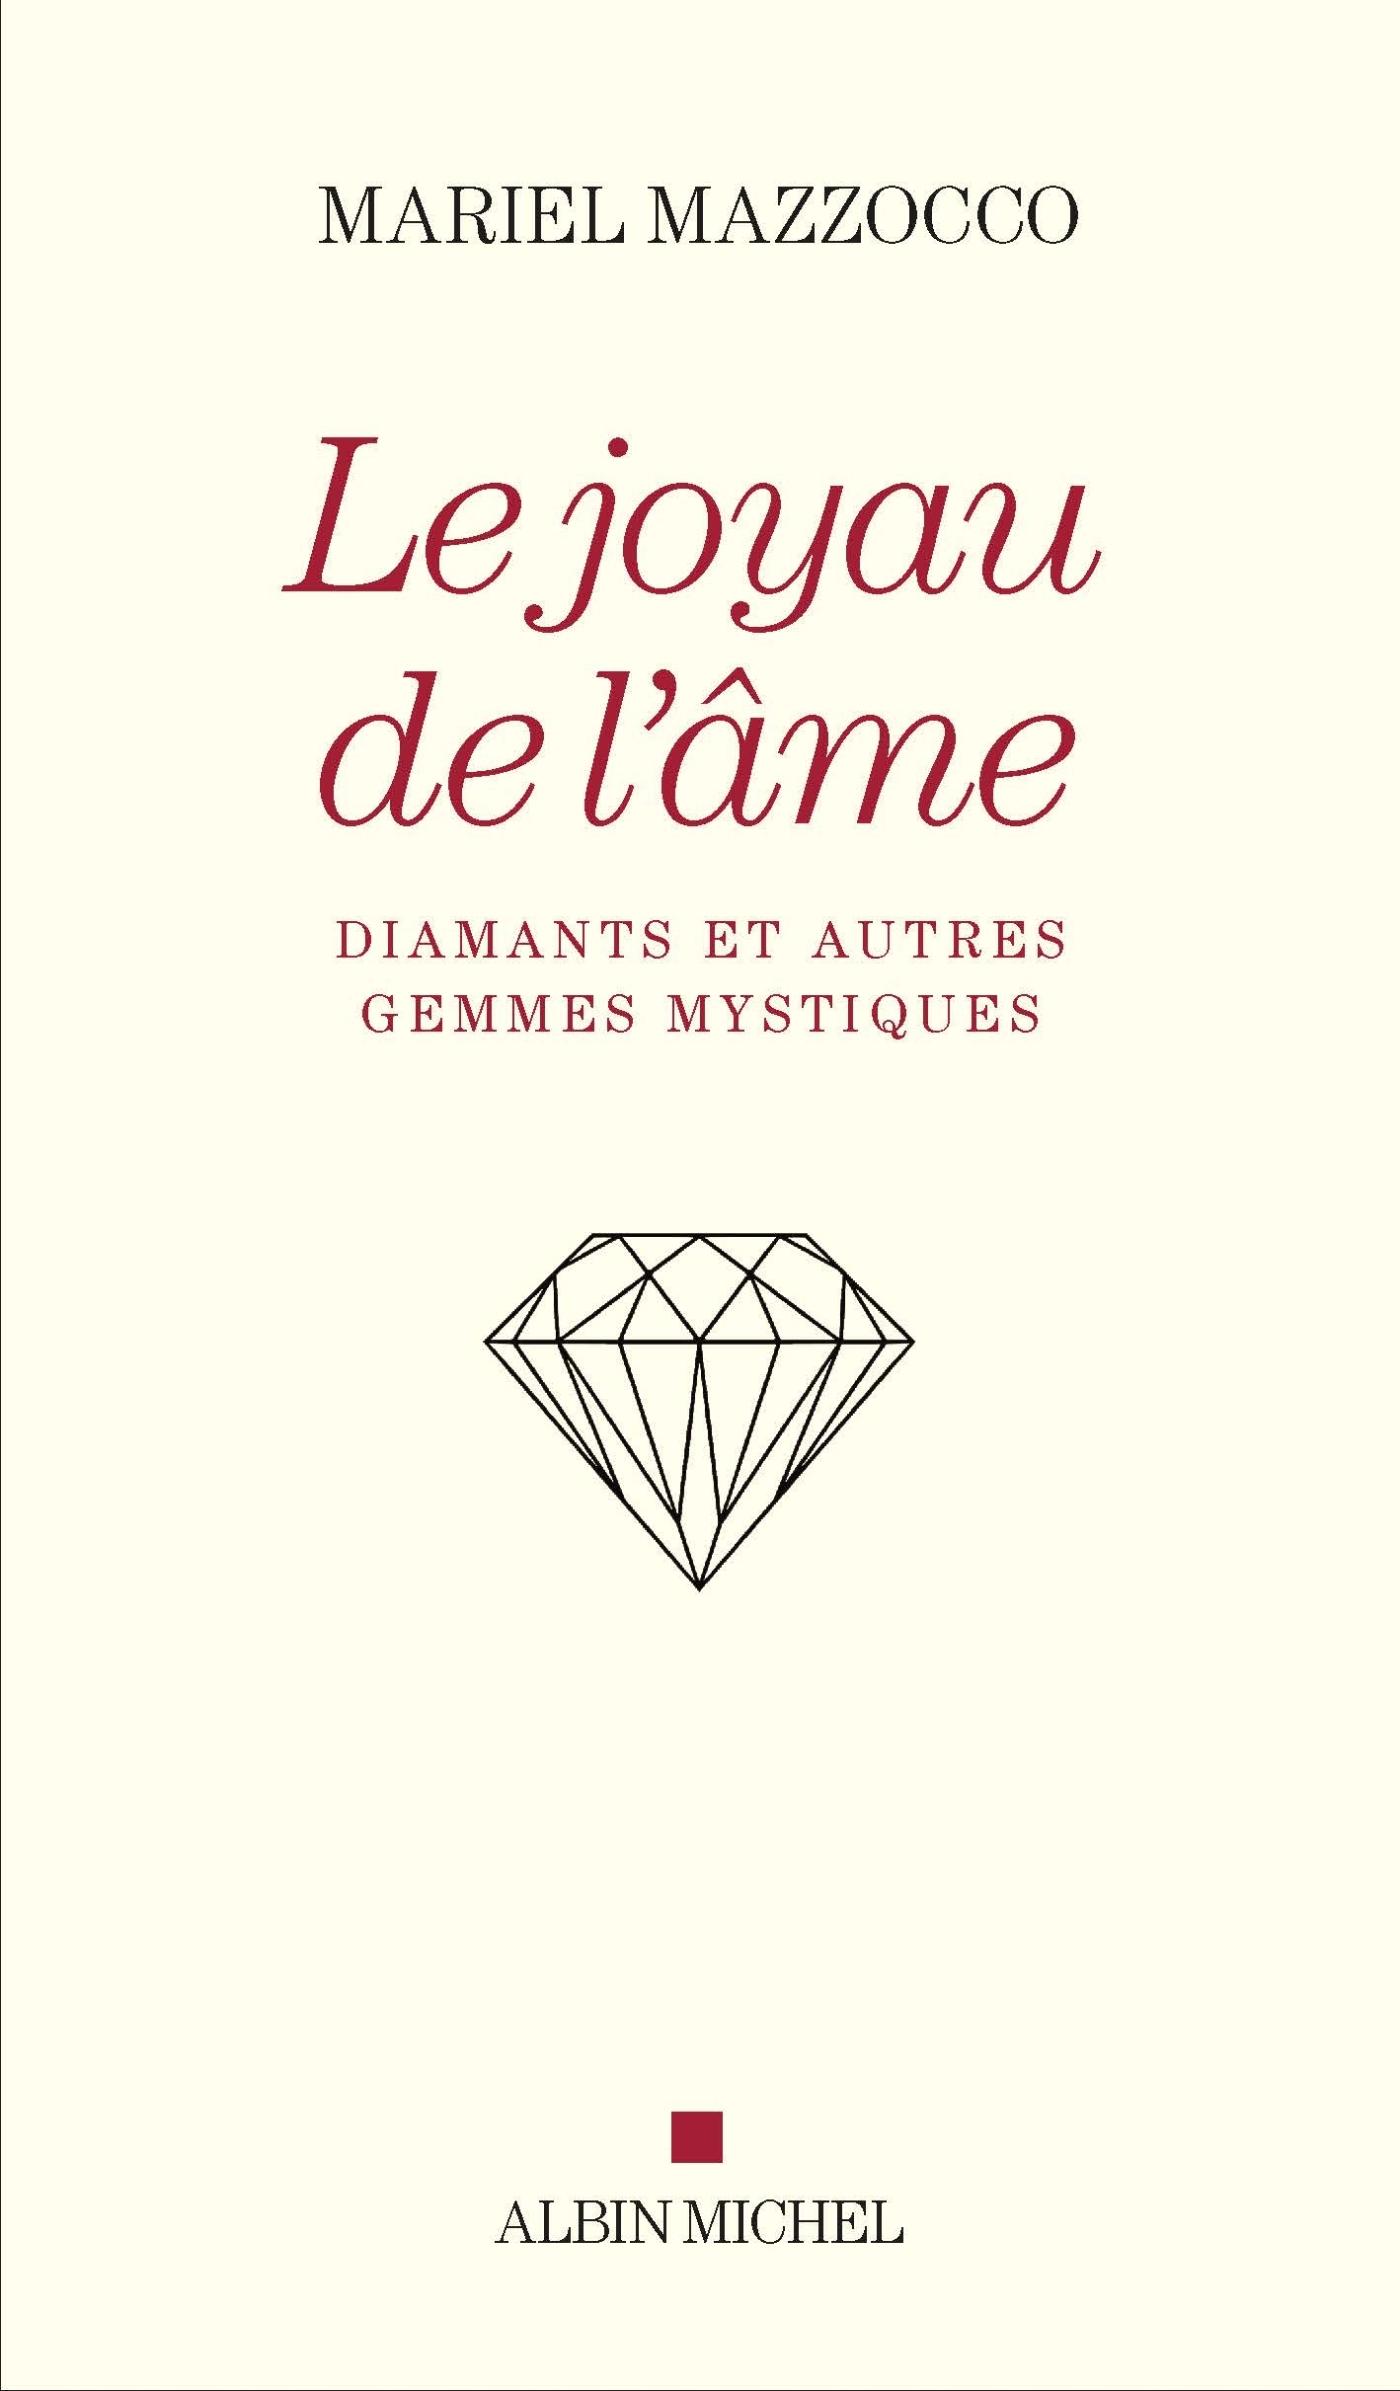 LE JOYAU DE L'AME - DIAMANTS ET AUTRES GEMMES MYSTIQUES